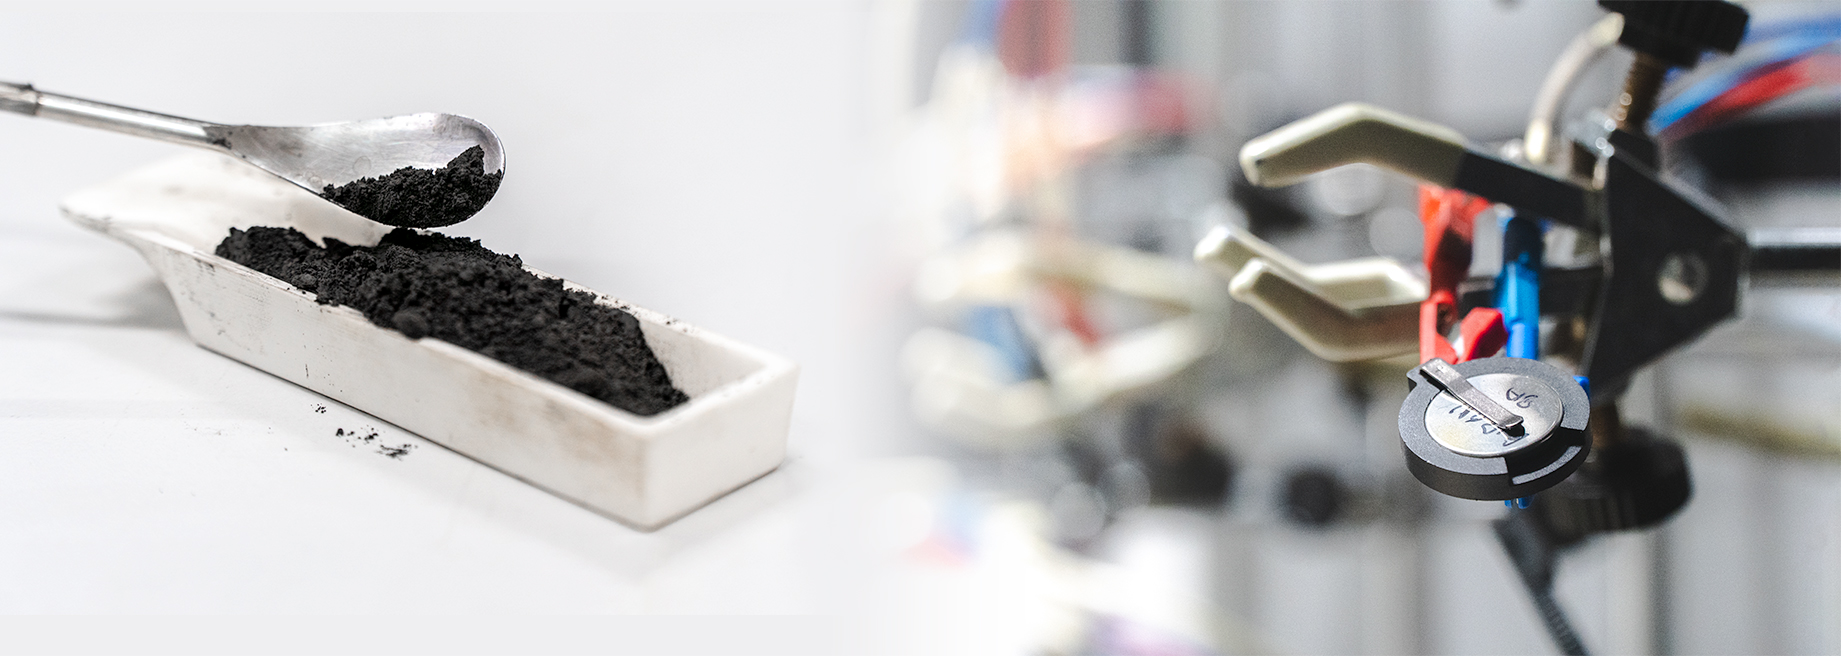 """Batteries Summit 2019 jardunaldian elkartutako adituek """"Europak etorkizuneko bateriak asmatzearen"""" beharra azpimarratu dute"""